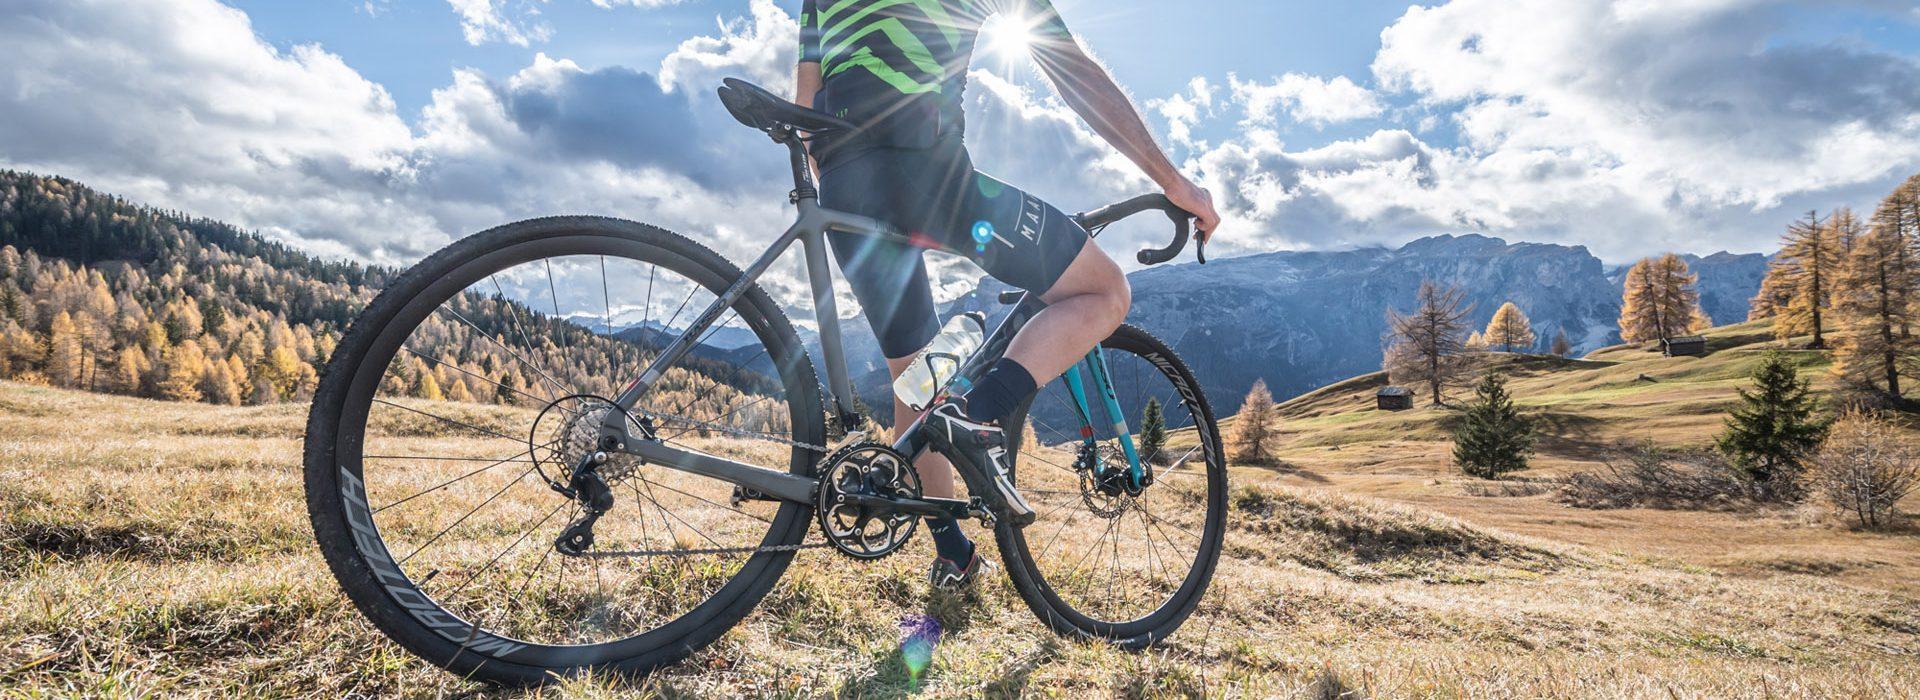 Gravelbike - Des Rennradlers neuer bester Freund? - rennrad-news, allgemein